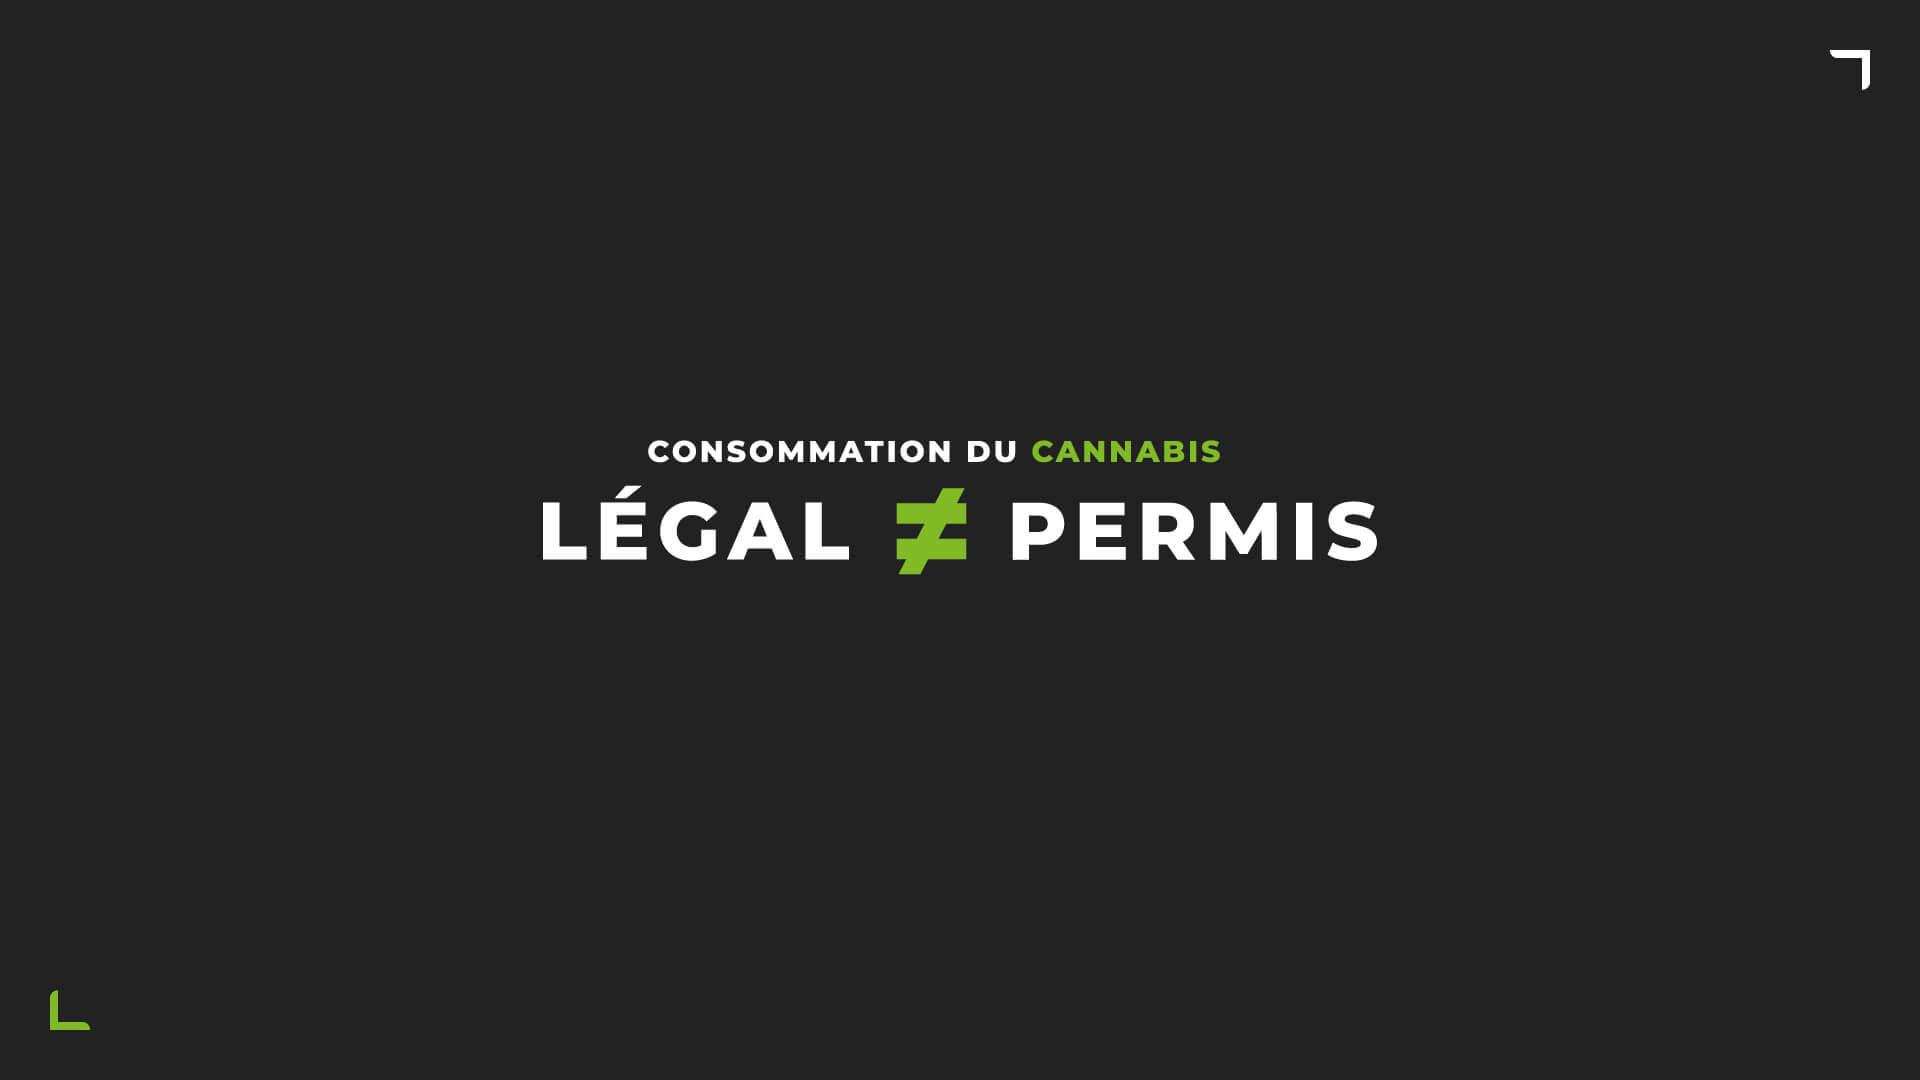 affiche consommation du cannabis